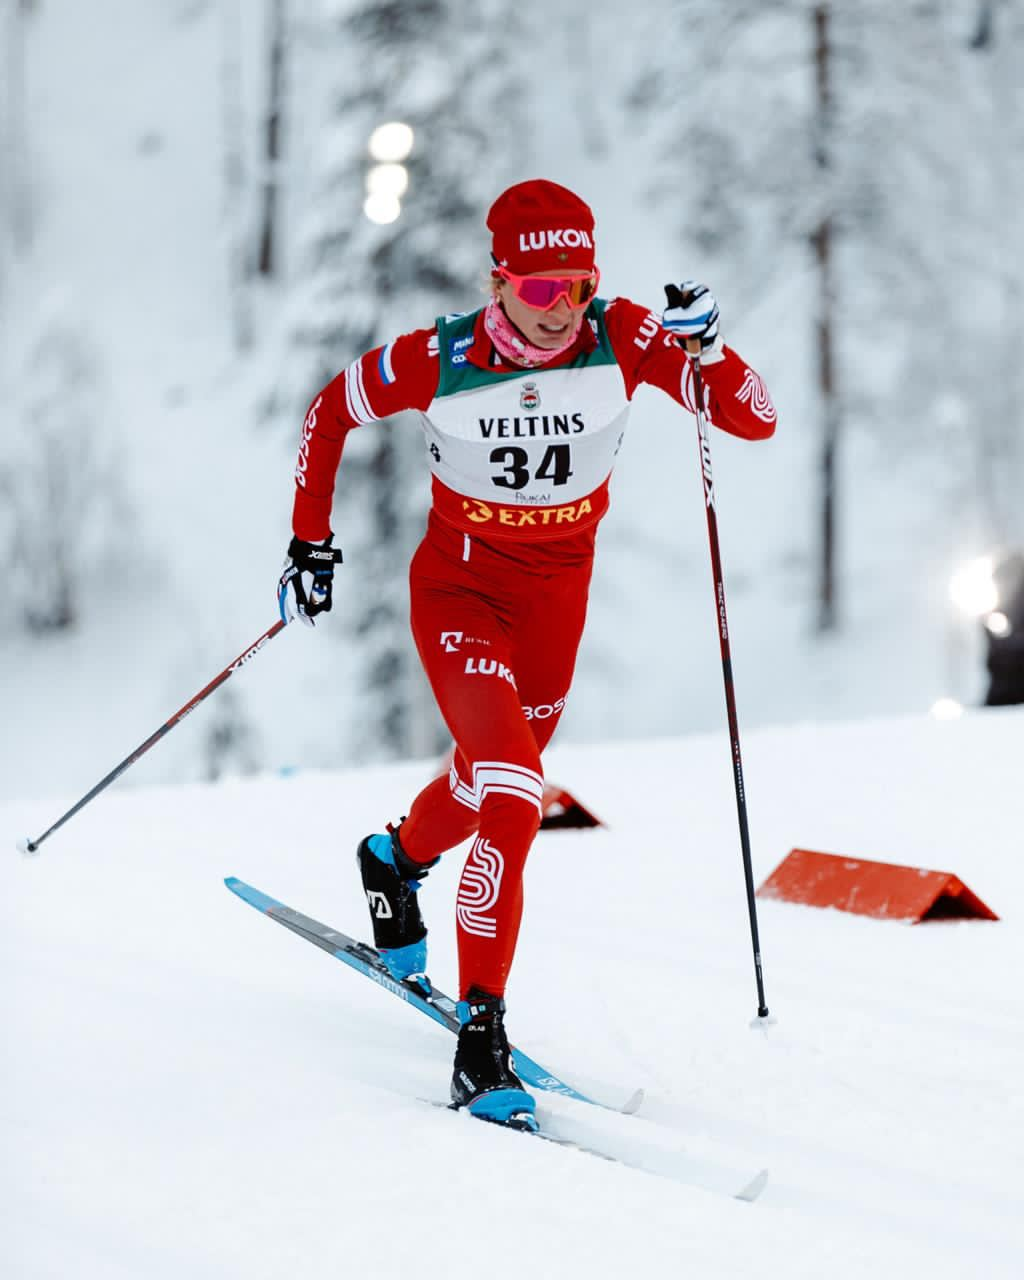 Татьяна Сорина на отборочной гонке классическим стилем в Муонио.